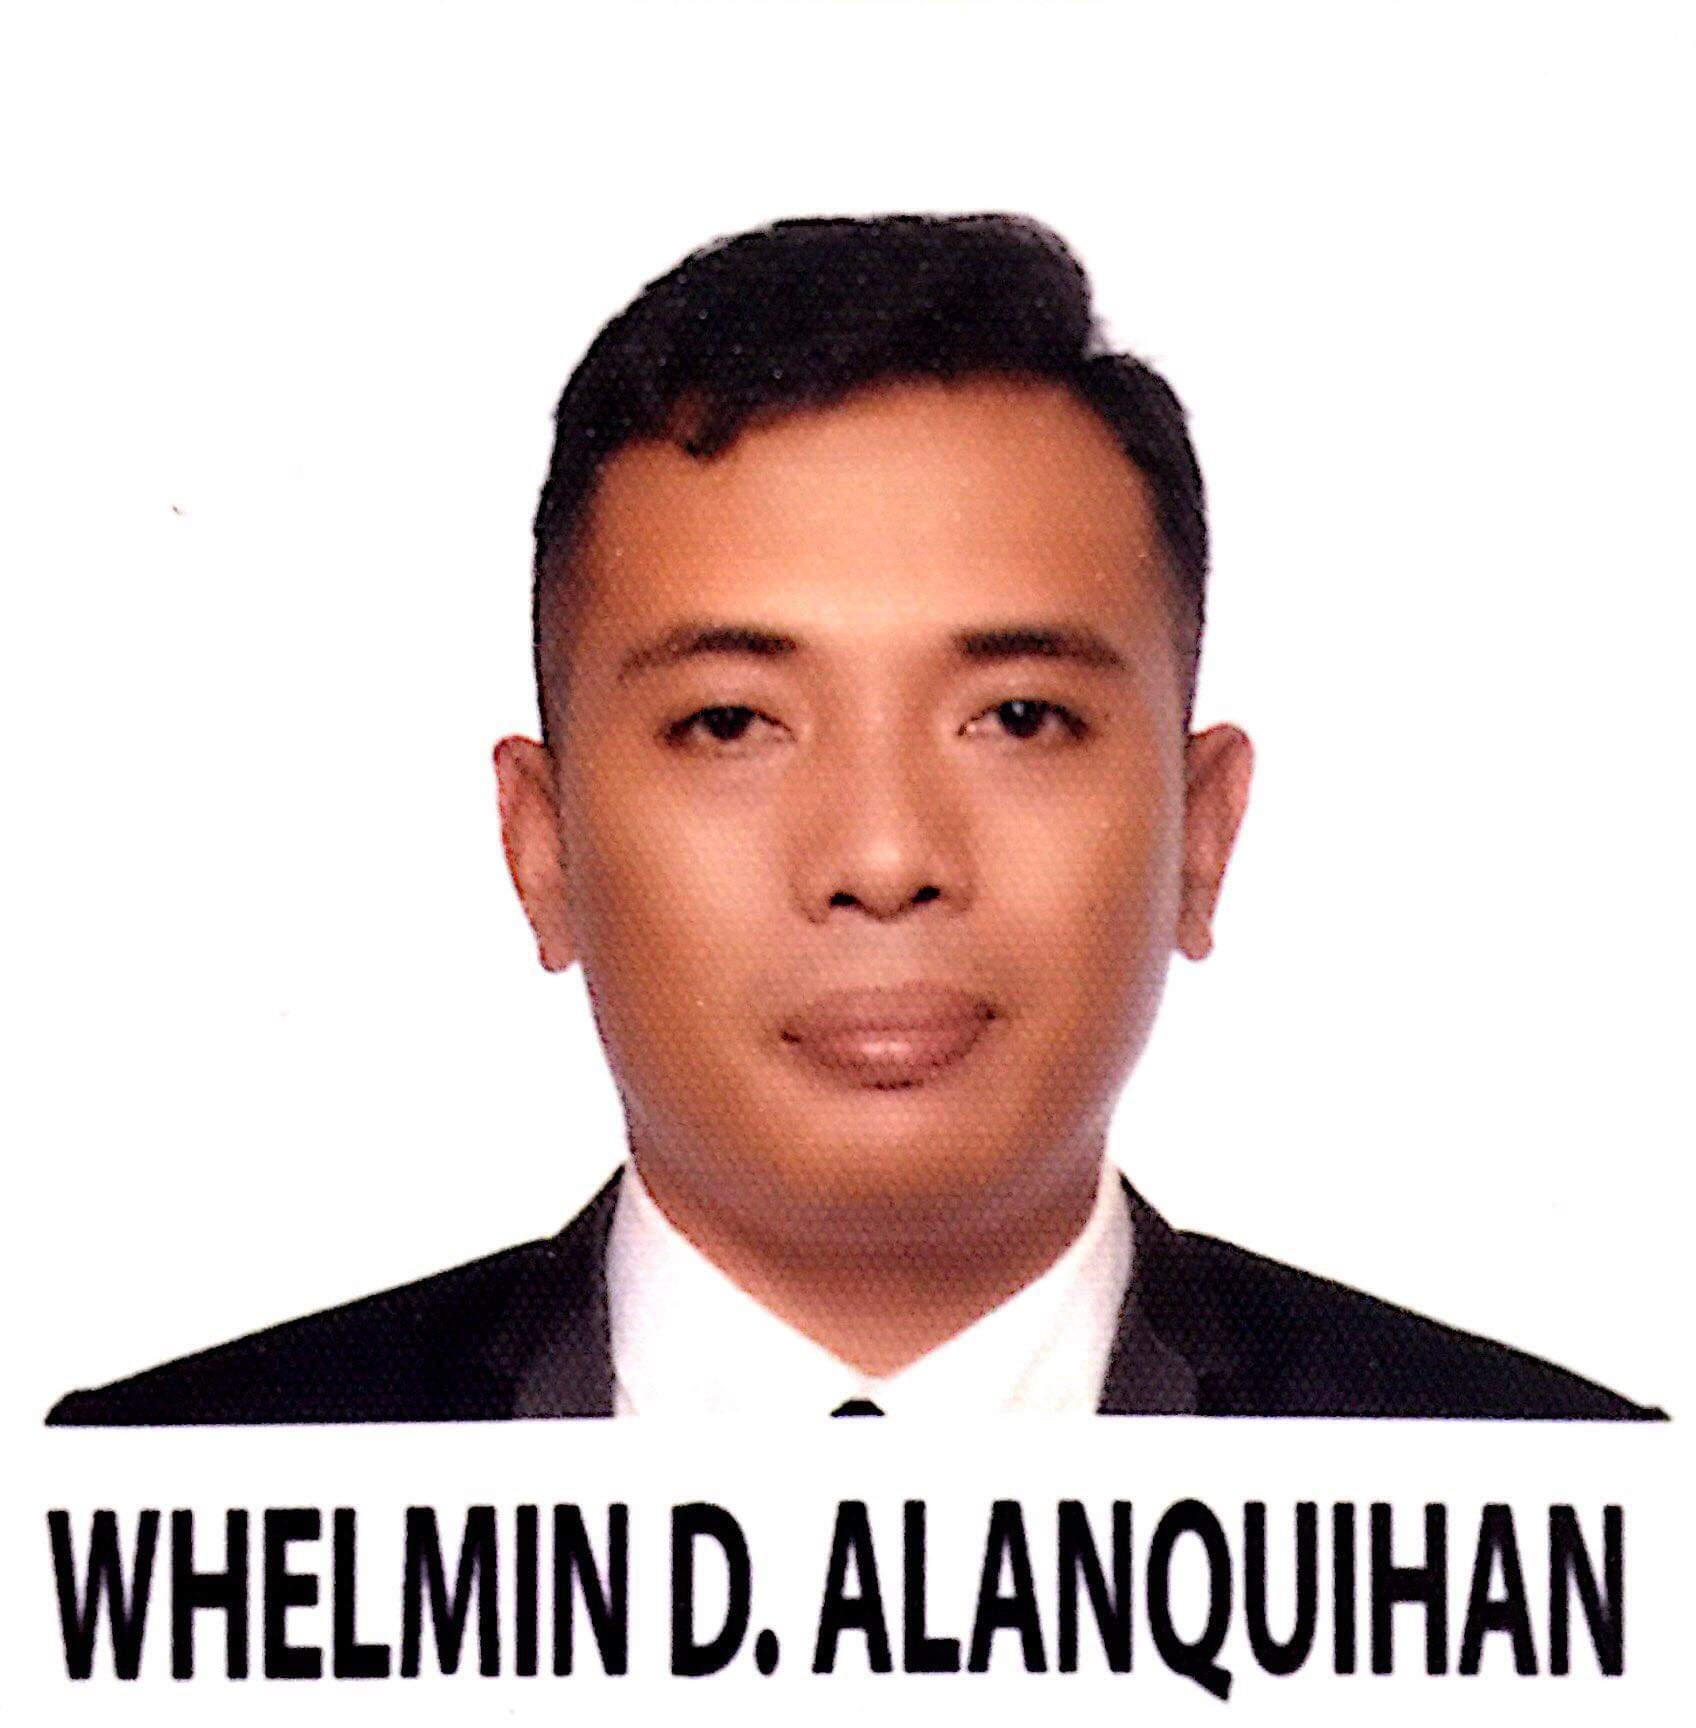 WHELMIN D. ALANQUIHAN seafarer Steward Passenger Ship